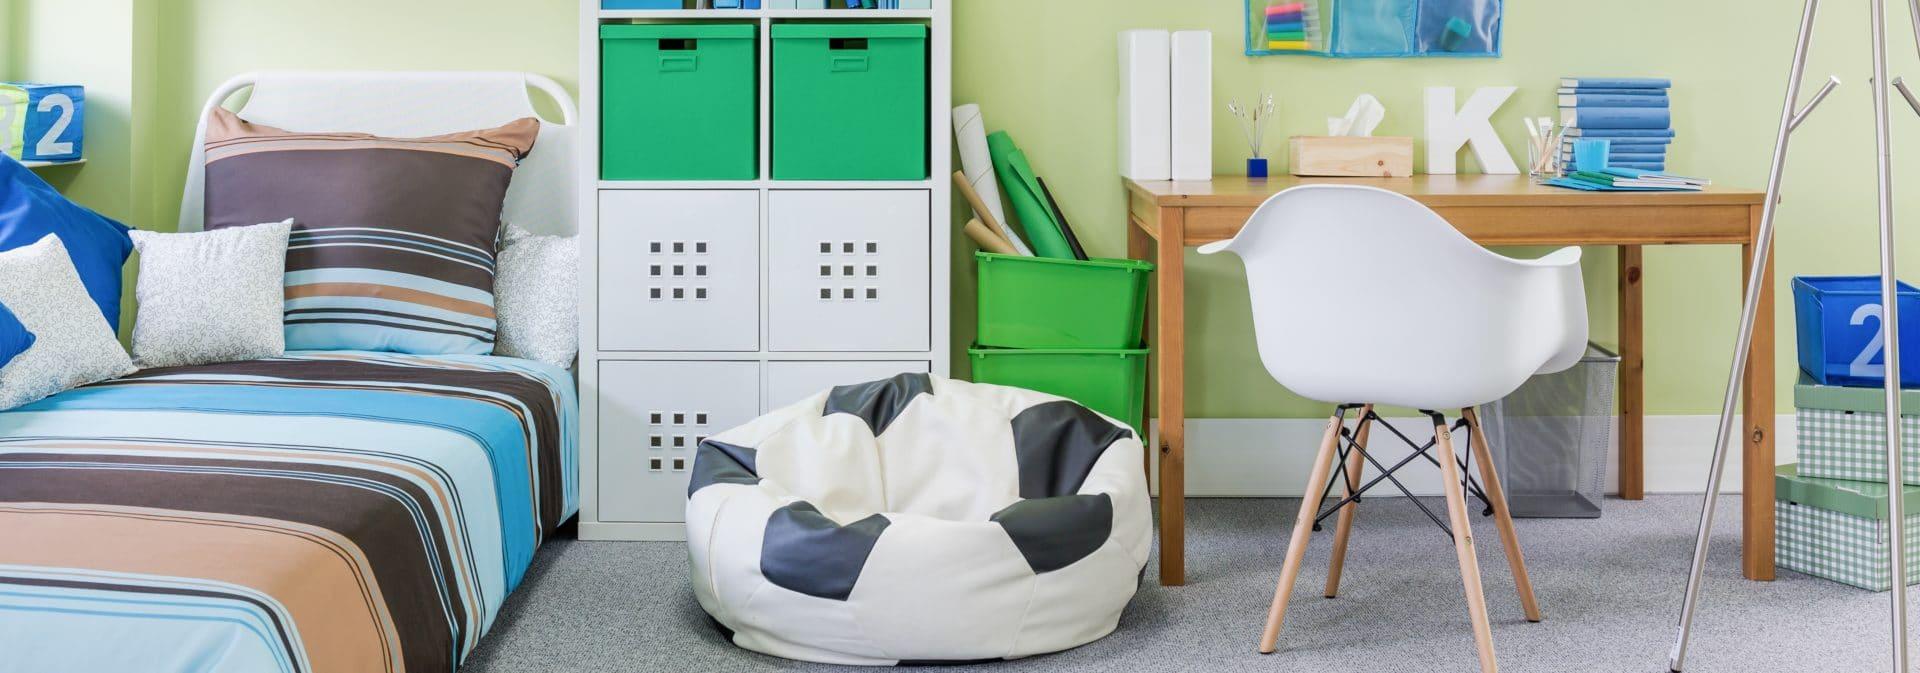 Deco Chambre Ado Garcon Design meubles et déco : chambre d'enfant fan de football - lit